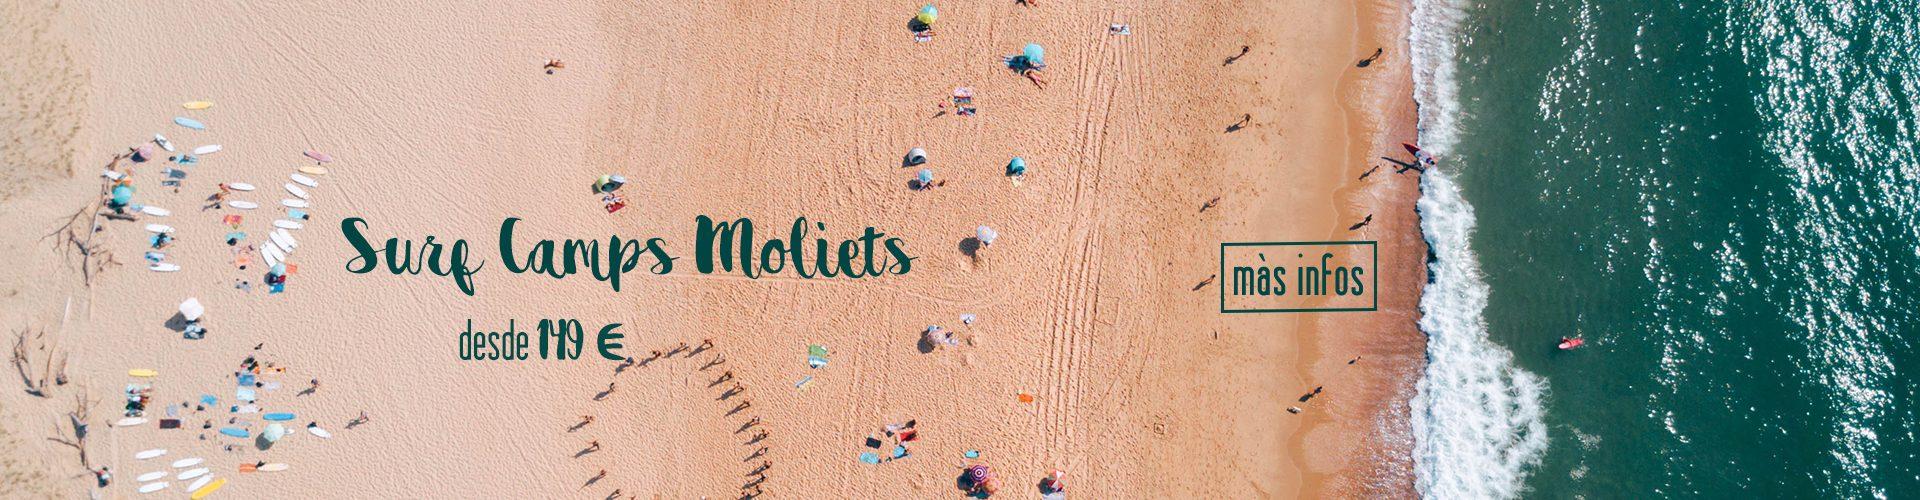 Surf camp Francia Moliets